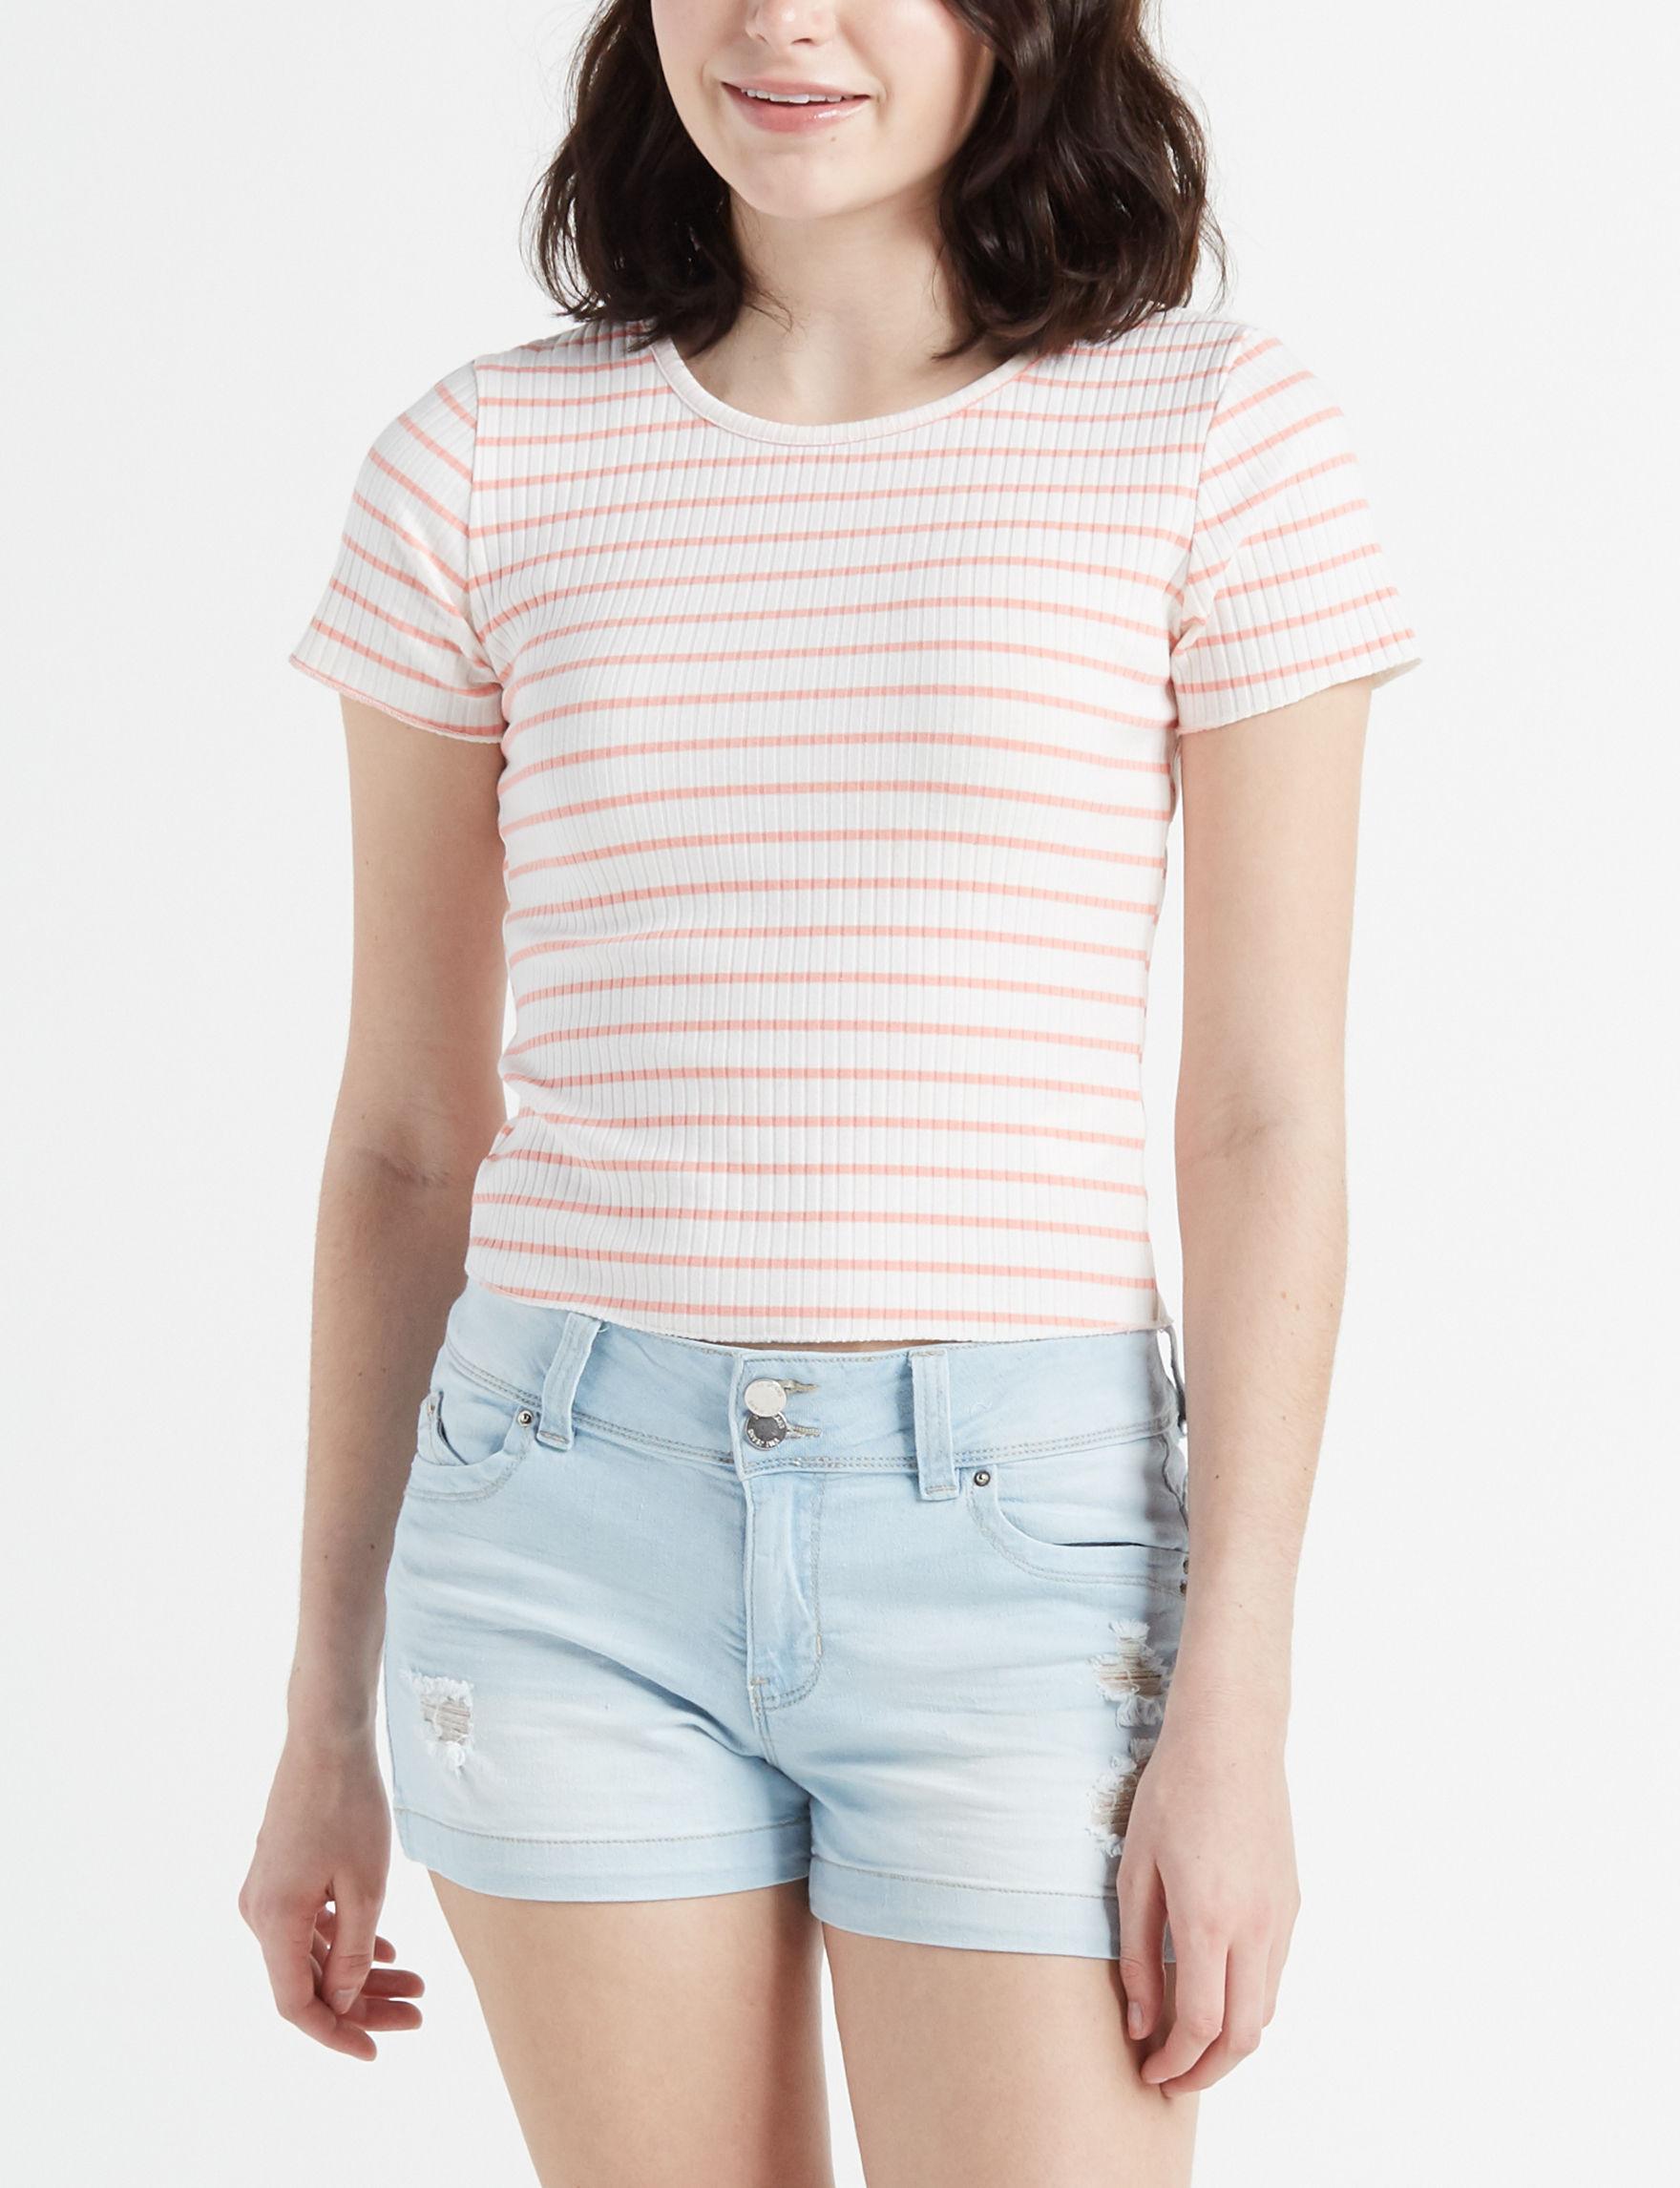 Leighton Melon Shirts & Blouses